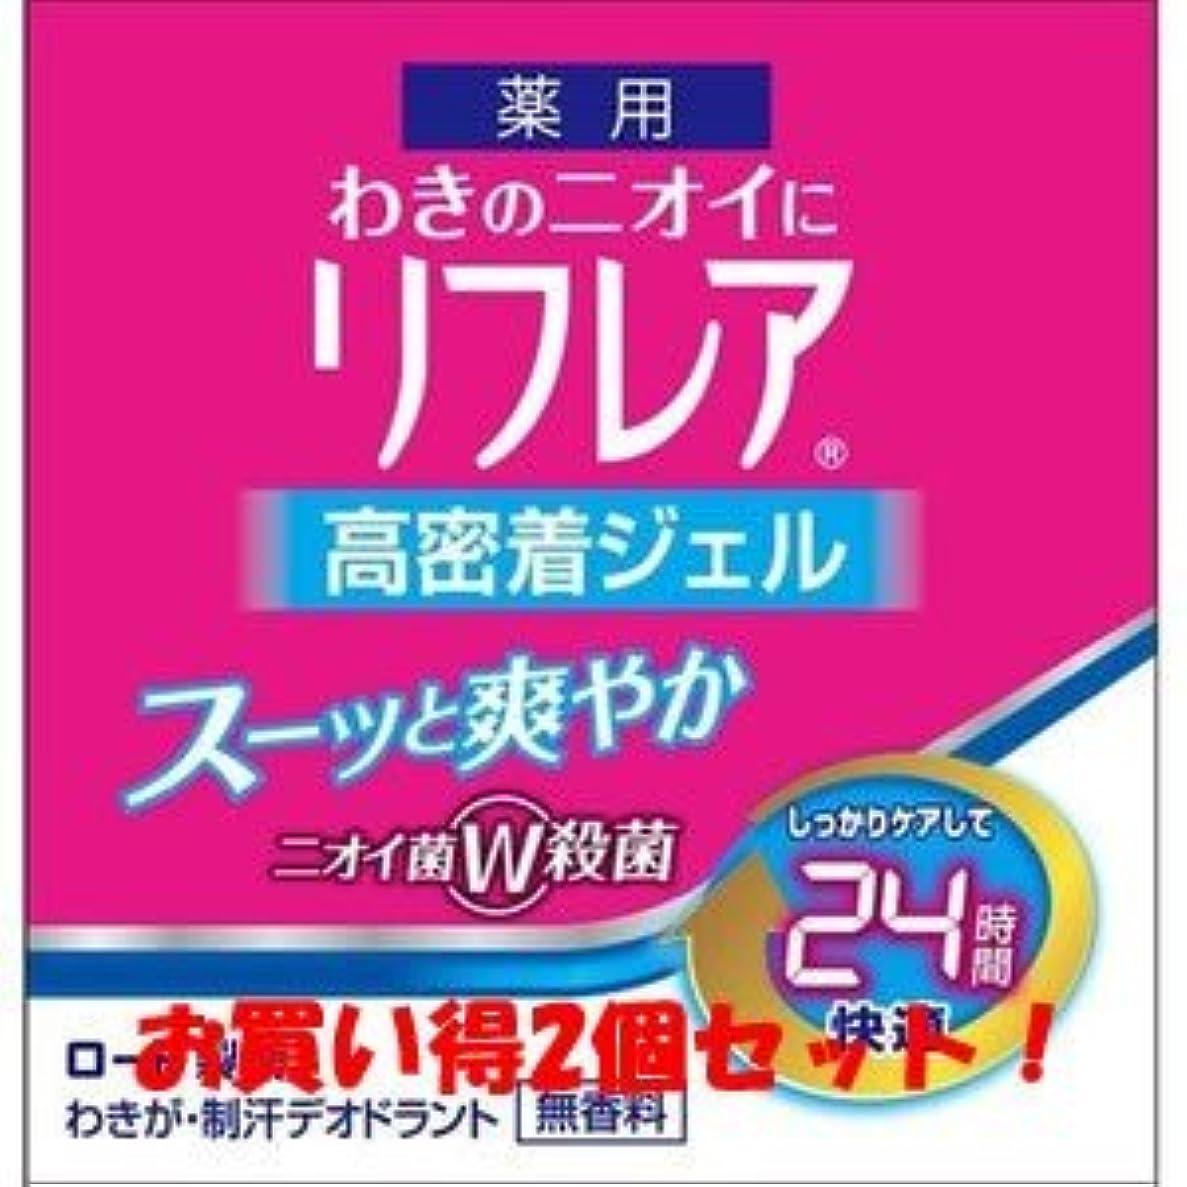 コテージ爆風シェフ(ロート製薬)メンソレータム リフレア デオドラントジェル 48g(医薬部外品)(お買い得2個セット)